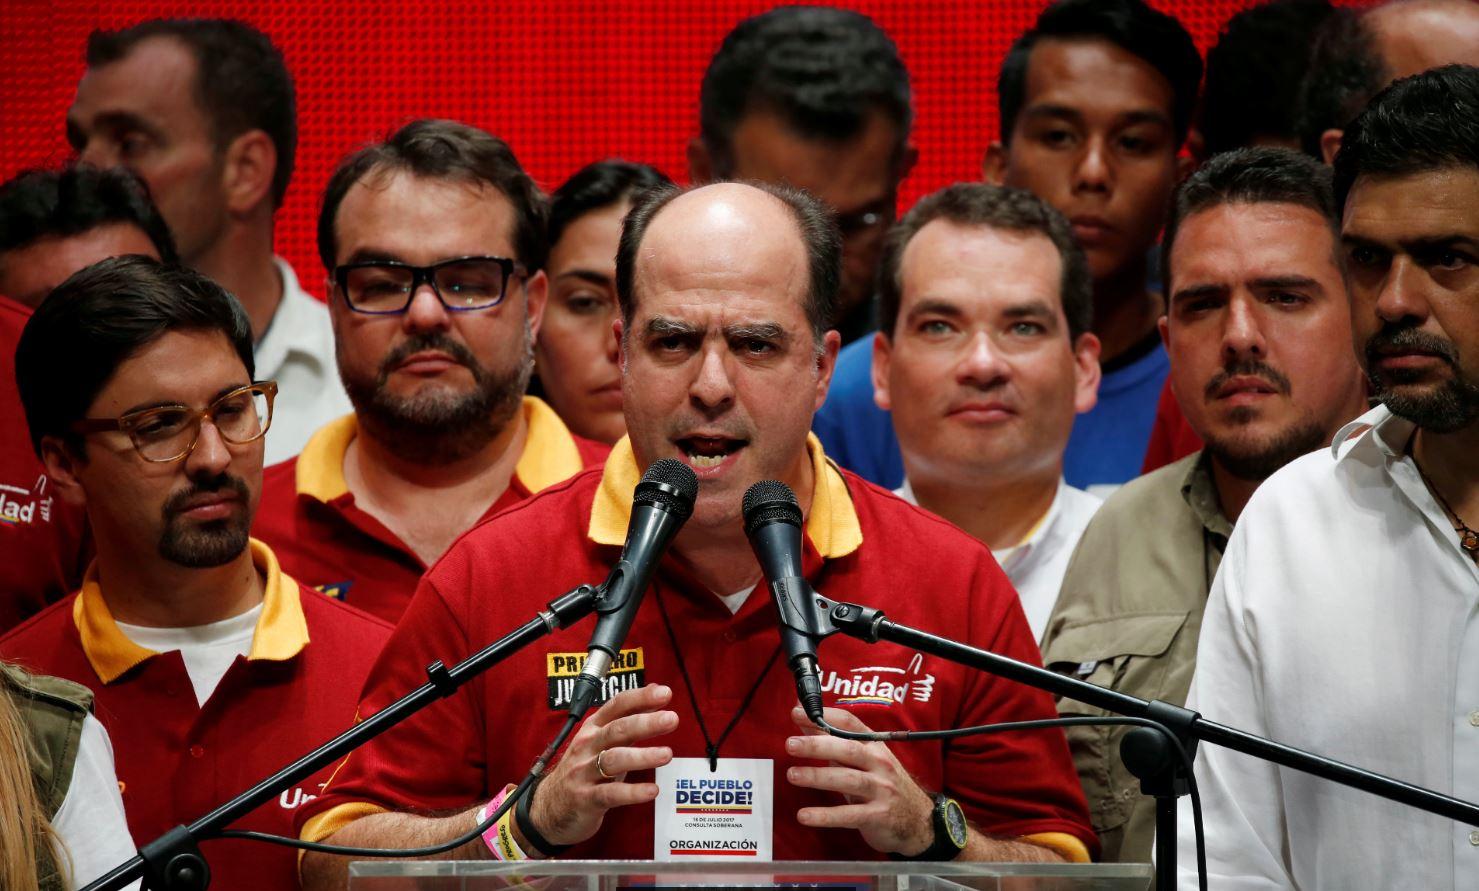 Nicolás Maduro quedó 'revocado' con resultado de plebiscito, sostiene oposición